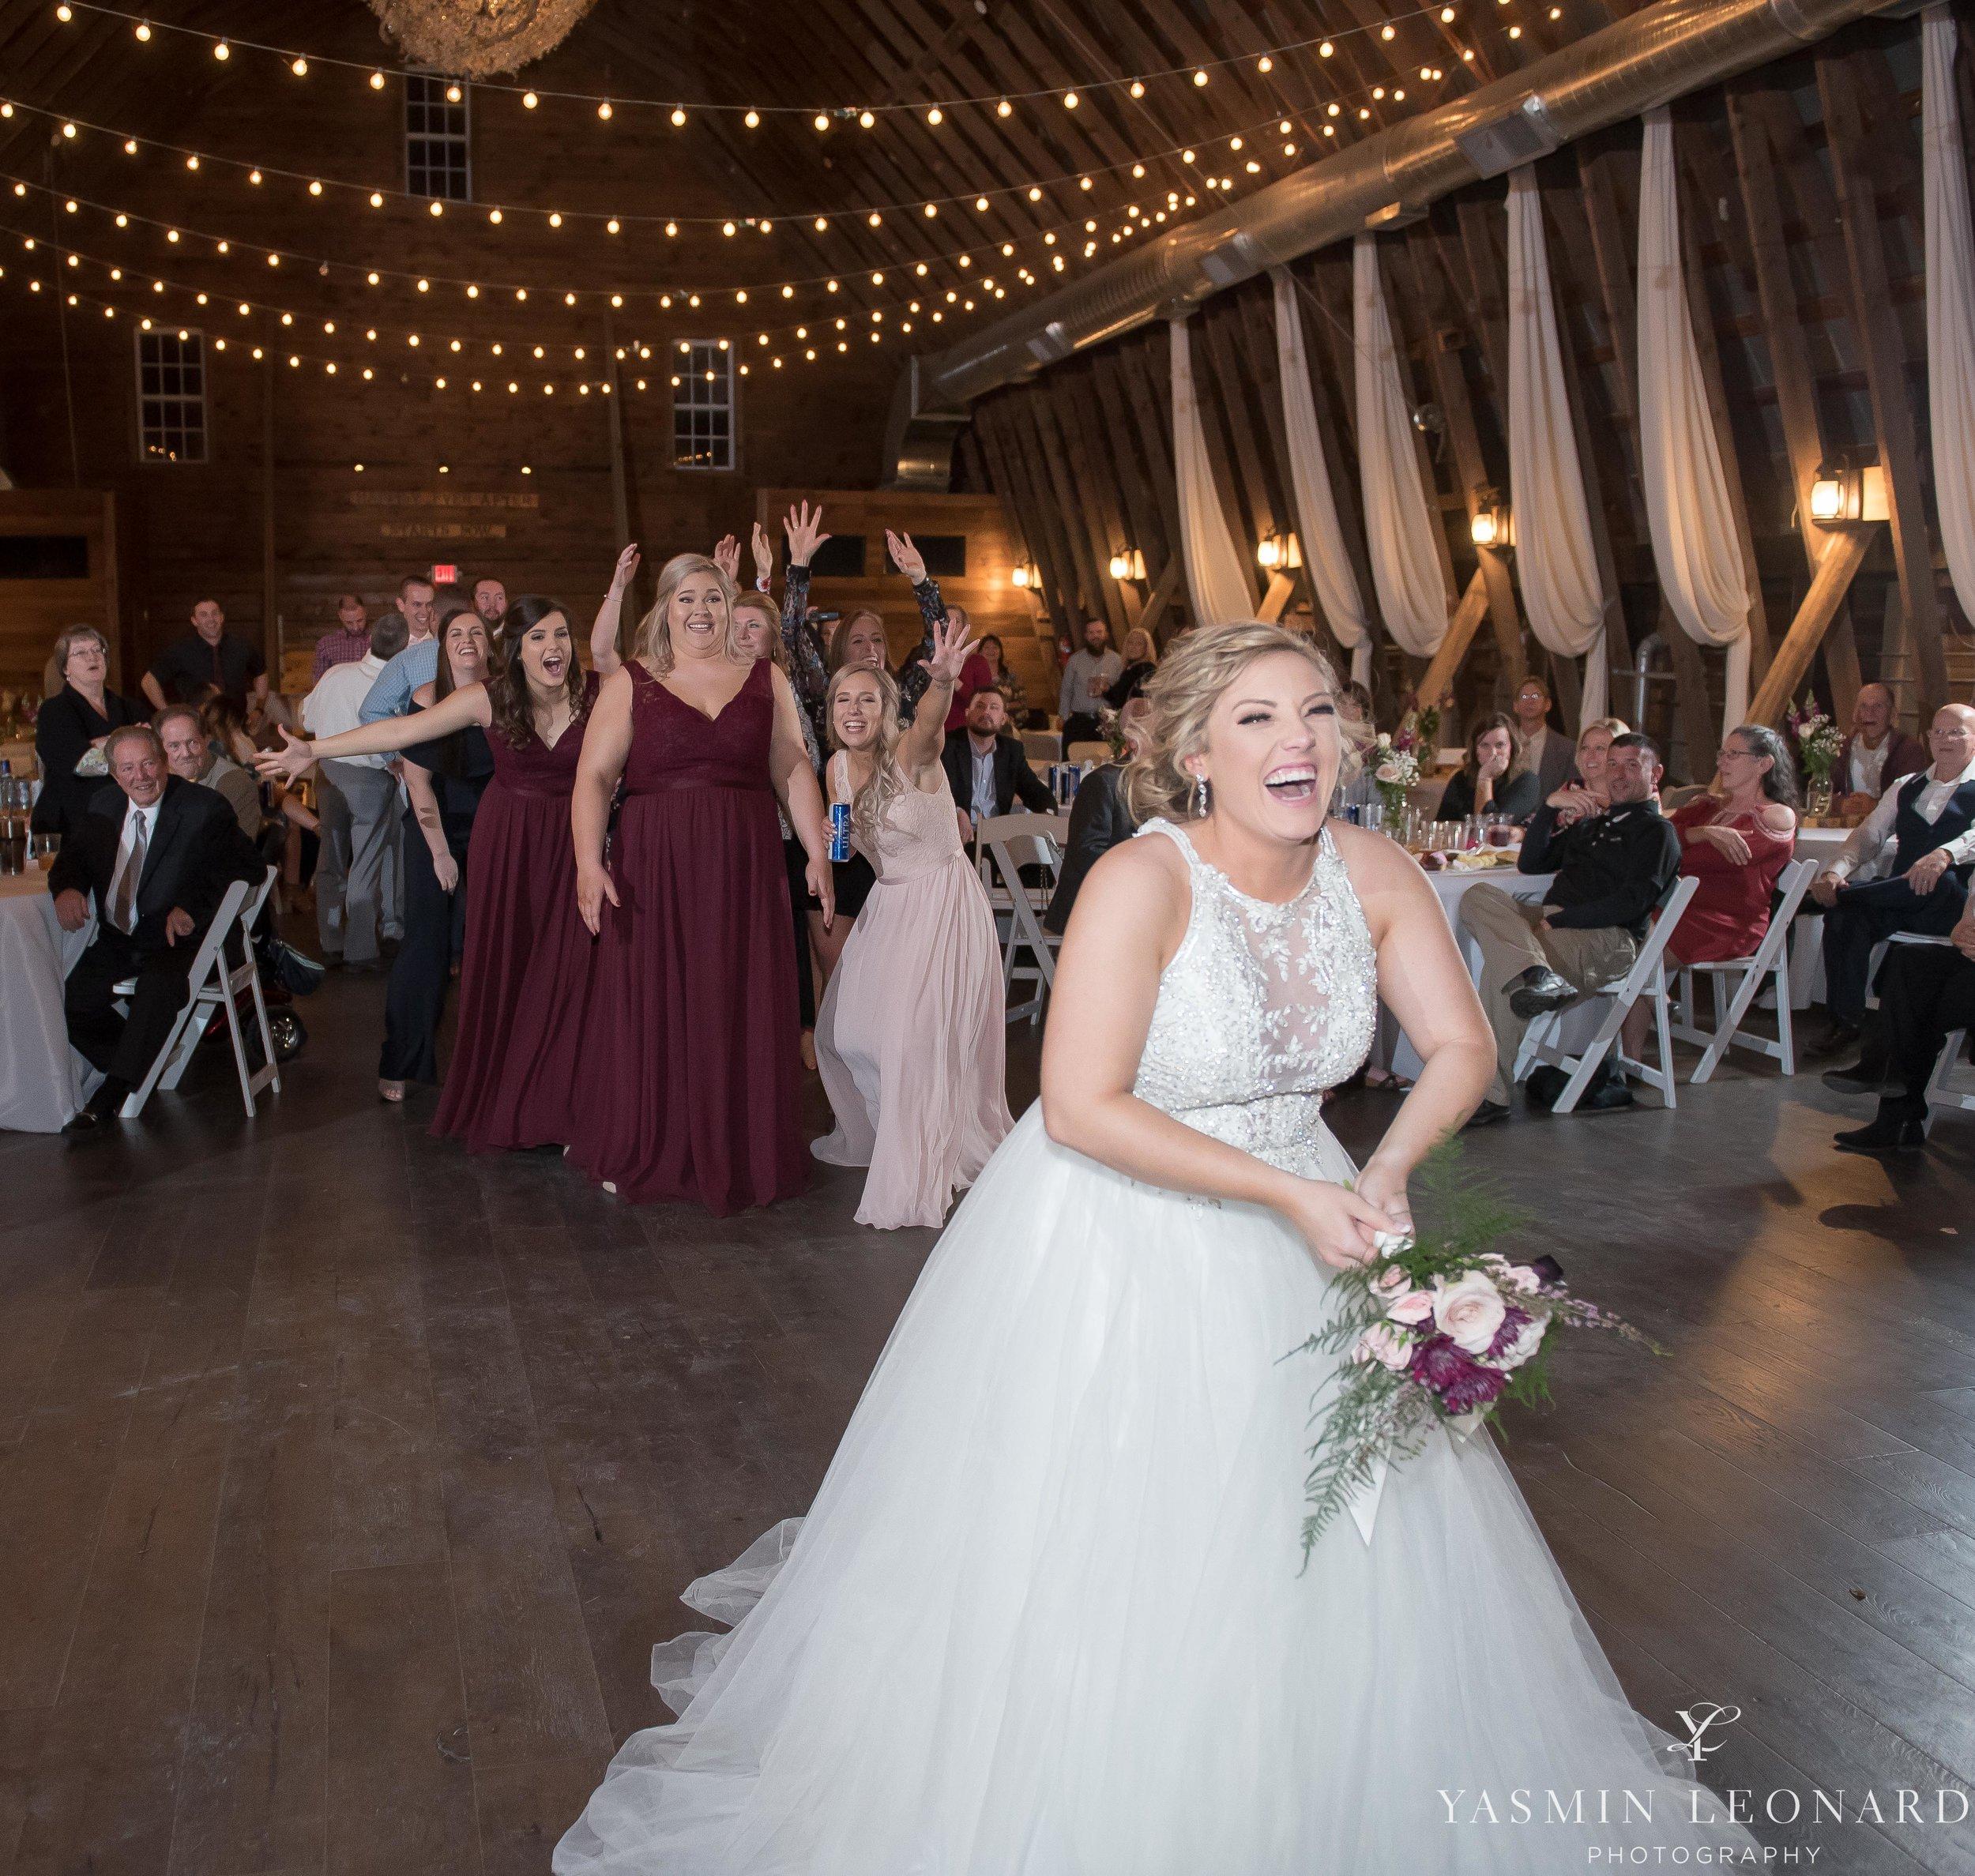 Millikan Farms - Millikan Farms Wedding - Sophia NC Wedding - NC Wedding - NC Wedding Photographer - Yasmin Leonard Photography - High Point Photographer - Barn Wedding - Wedding Venues in NC - Triad Wedding Photographer-83.jpg